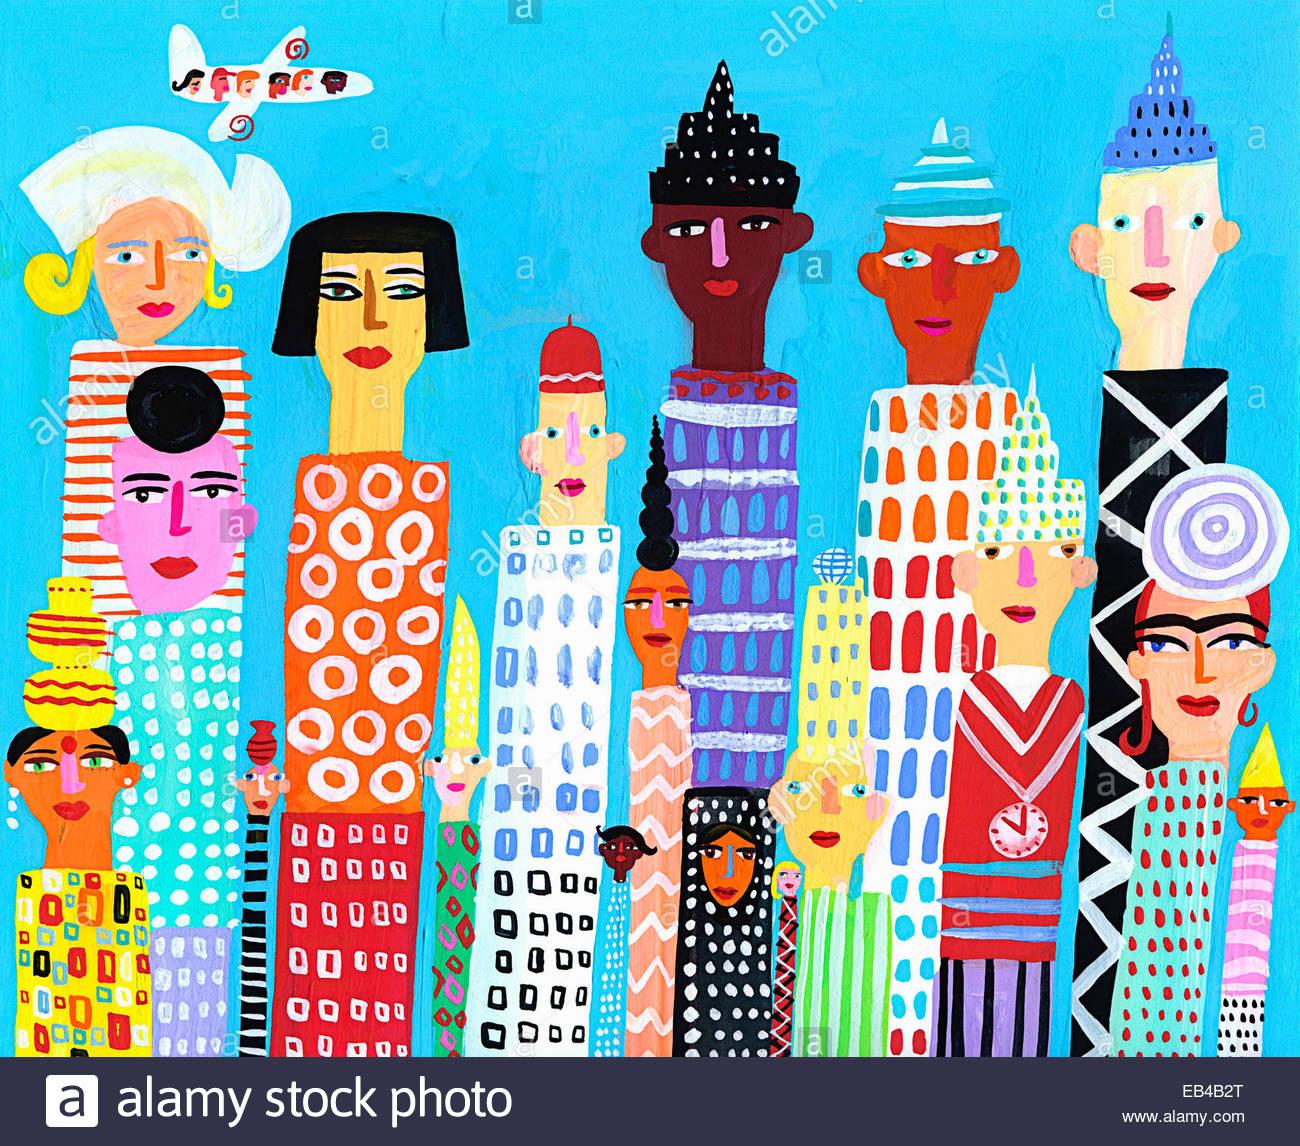 Los Edificios Rascacielos de la ciudad multiétnica con rostros Imagen De Stock